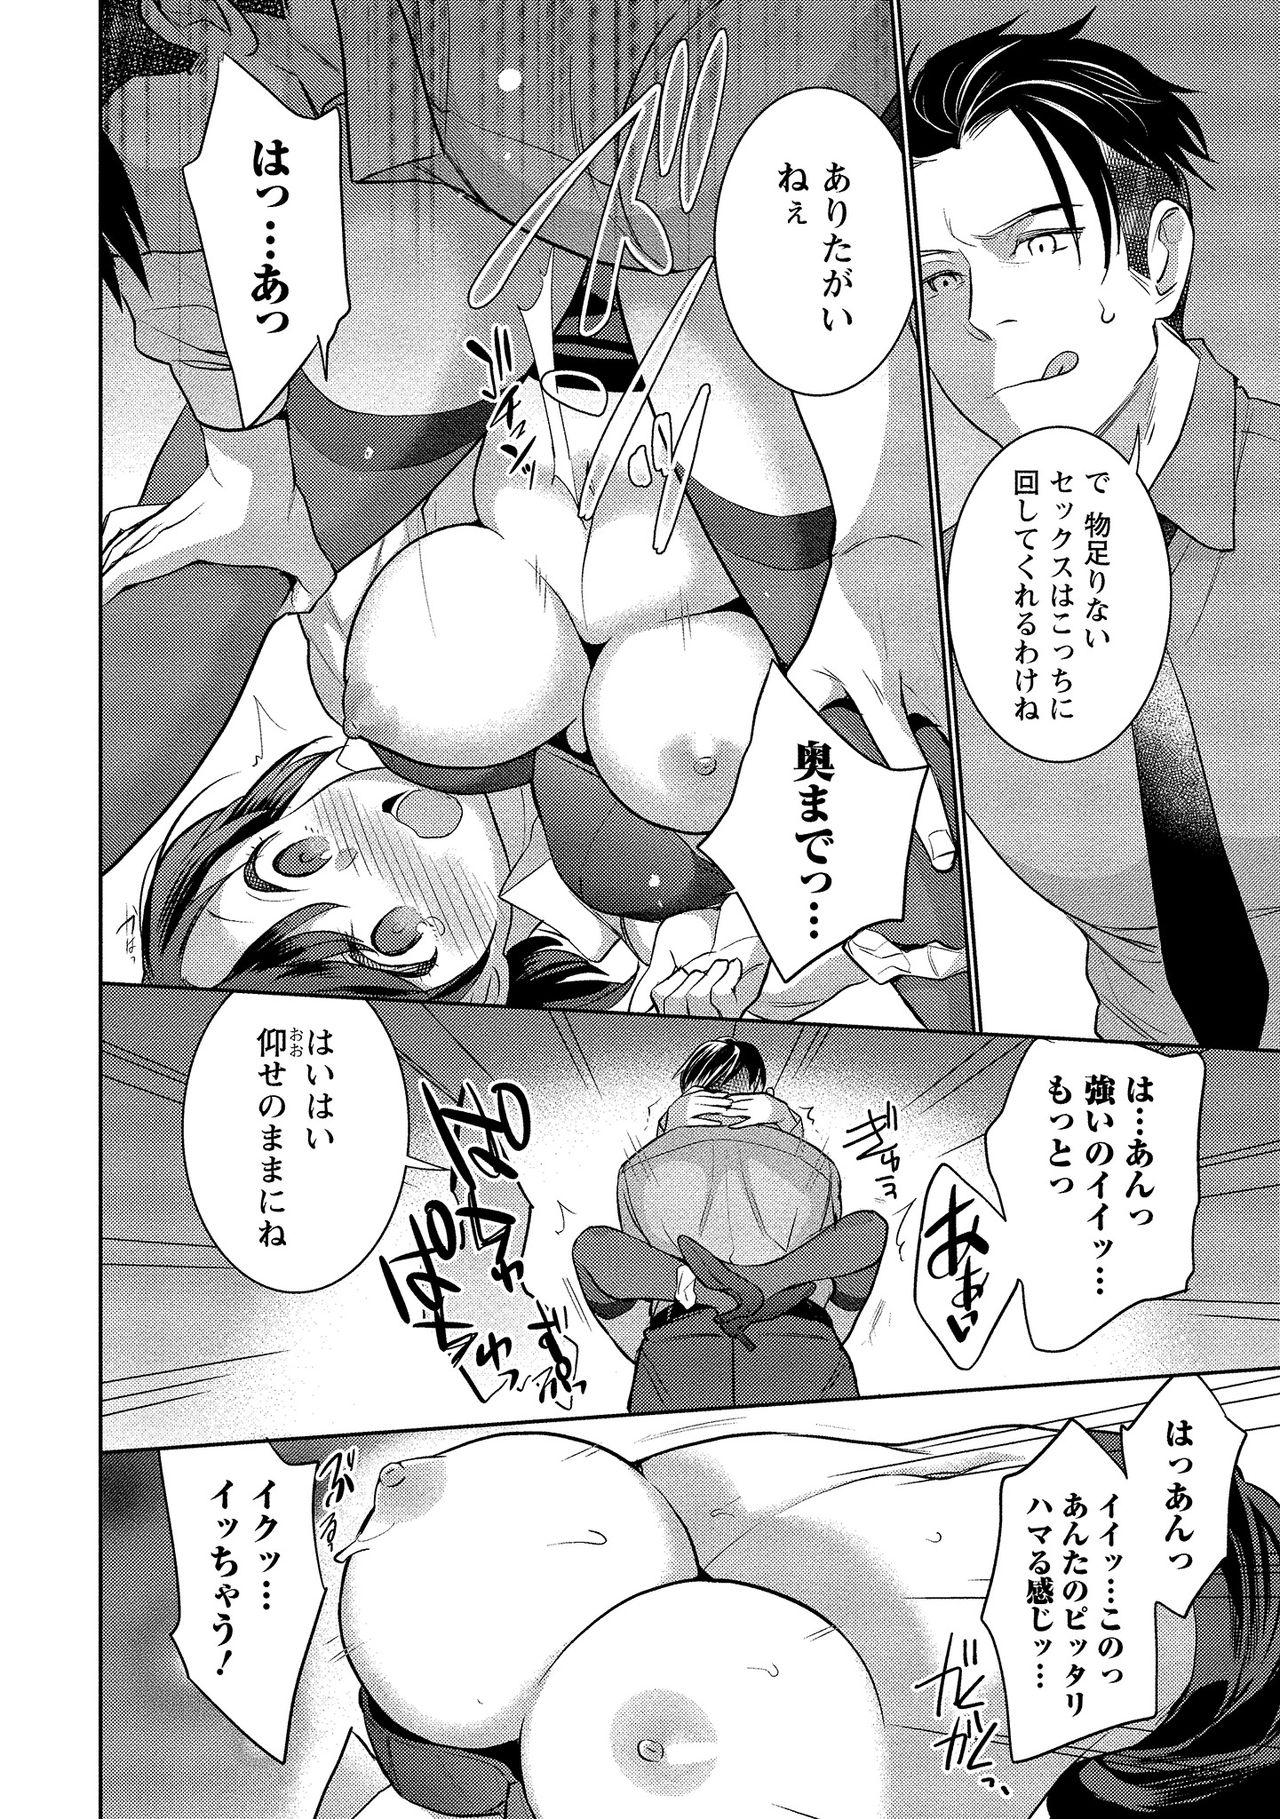 Dorobou Neko wa Kanojo no Hajimari 120